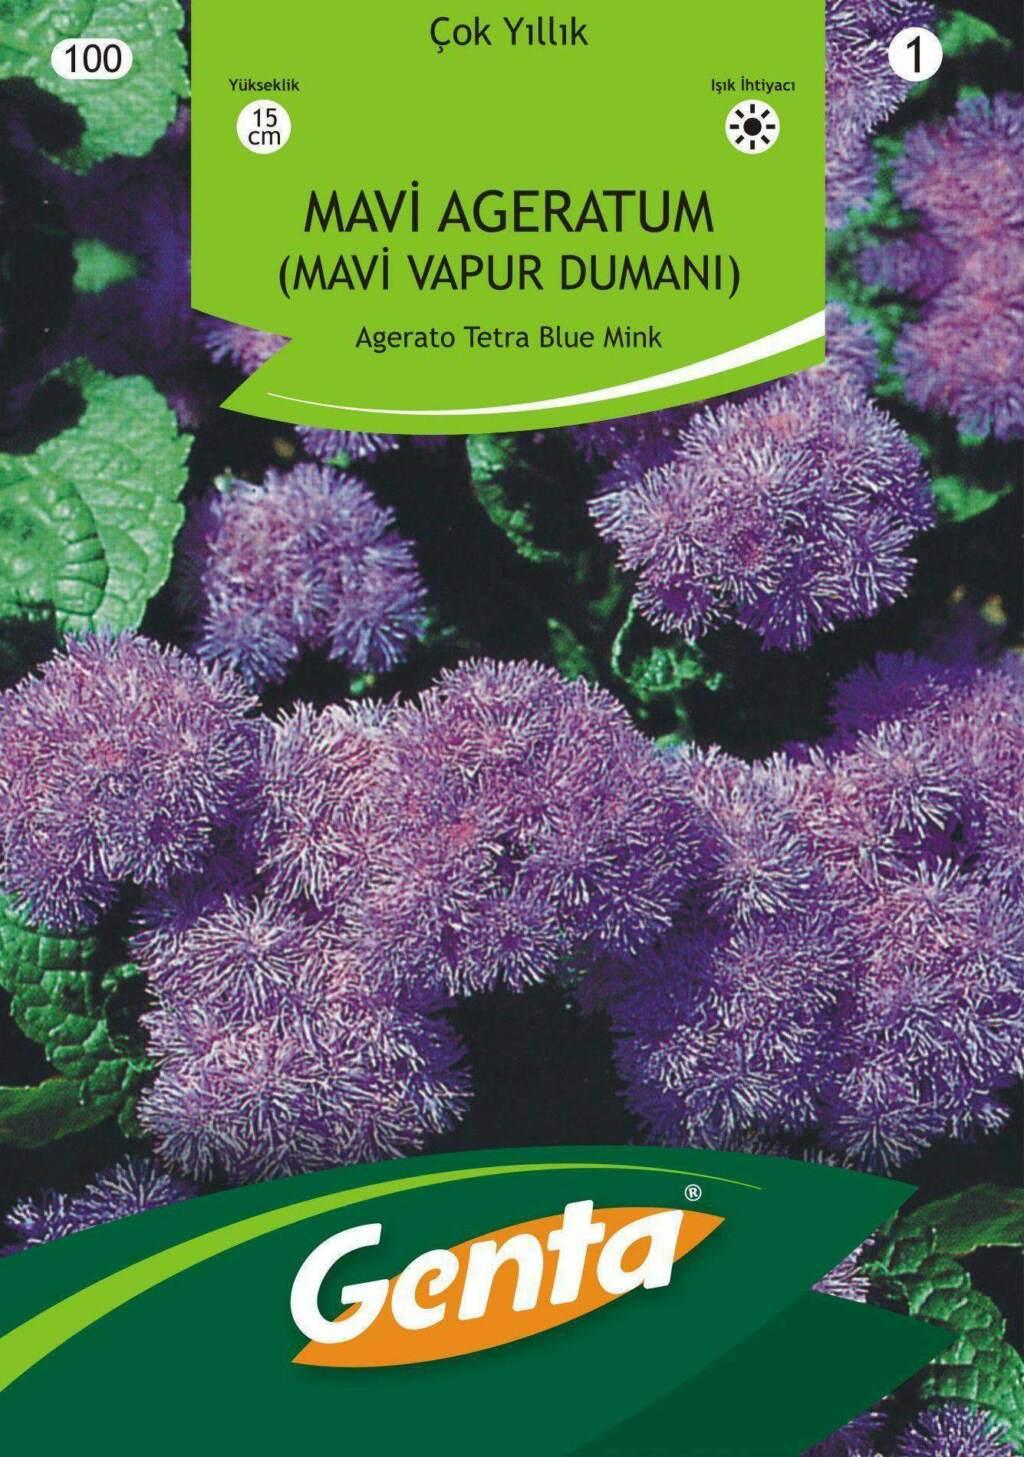 Genta Mavi Vapur Dumanı Çiçek Tohumu